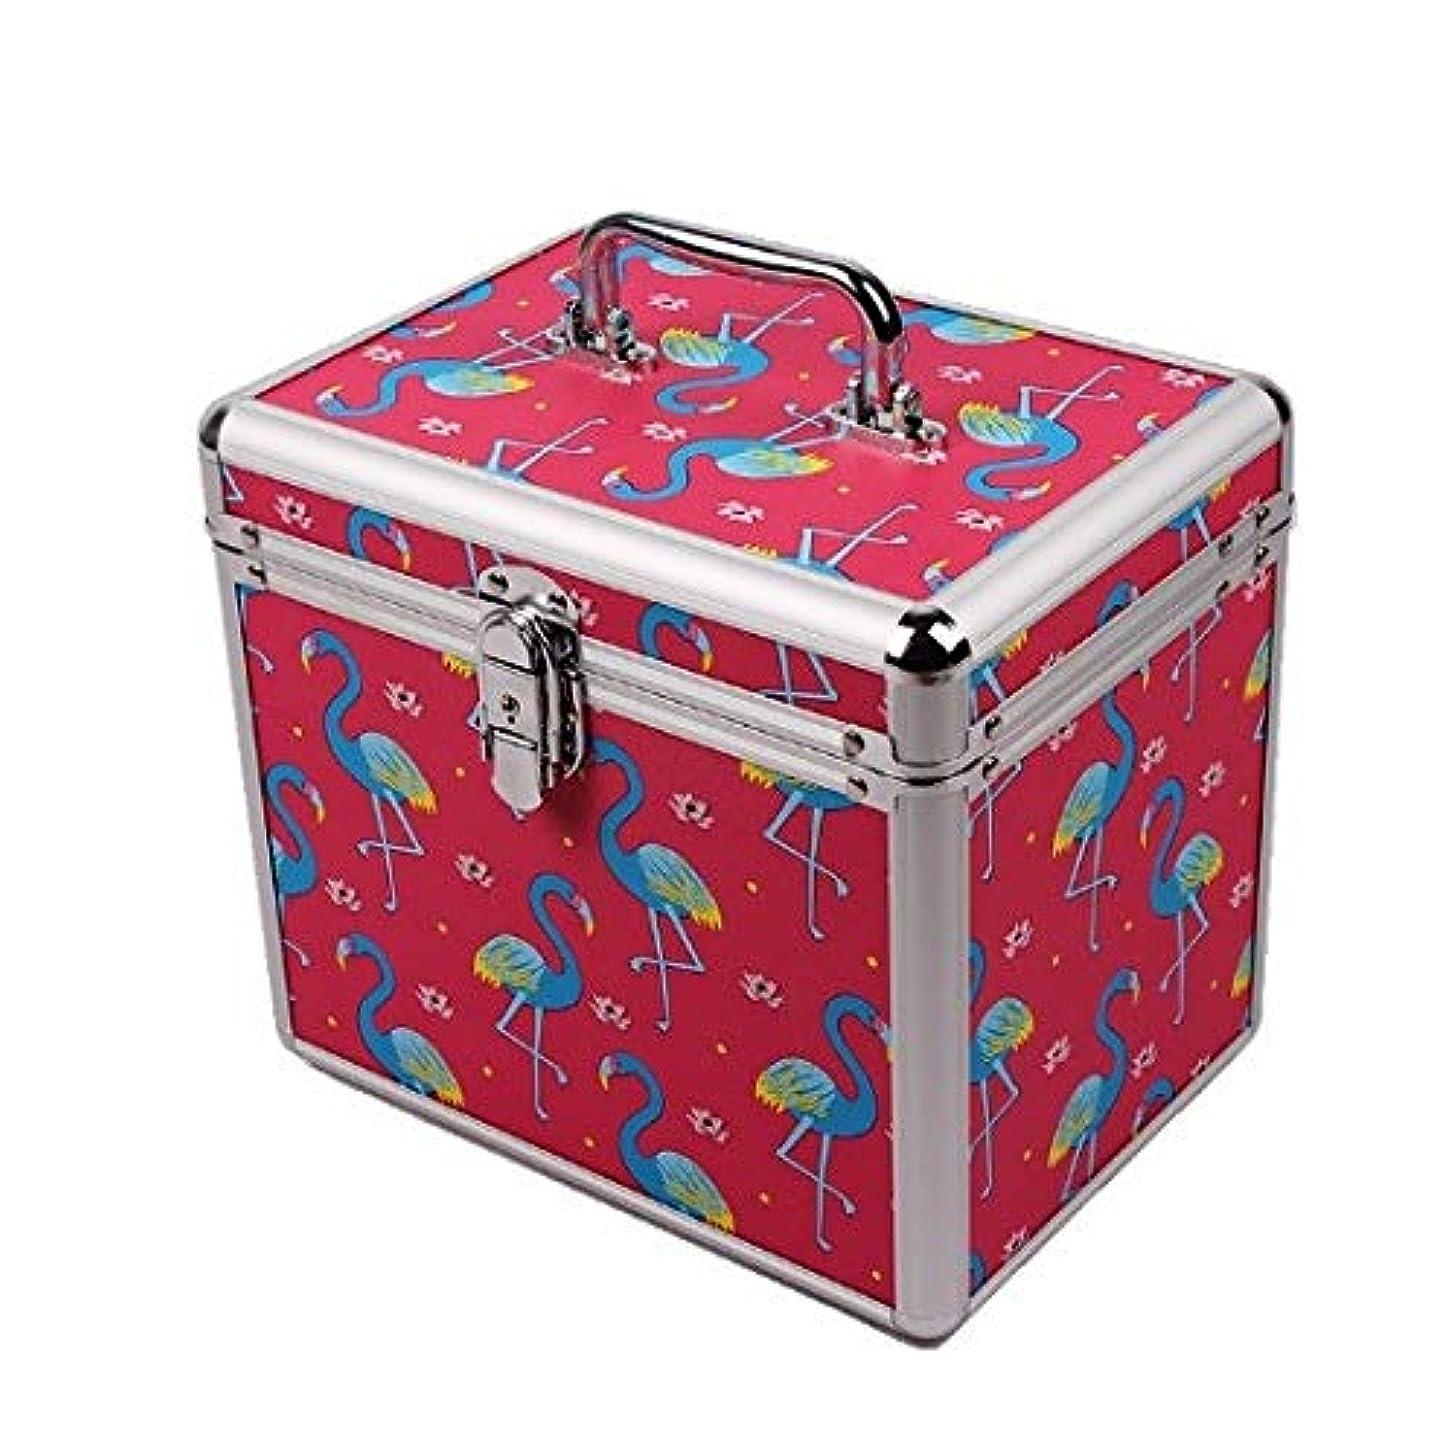 染色郵便ハック化粧品ケース、ポータブル二重層ロックフットバス技術者ポータブルツールボックス、ポータブル旅行化粧品ケース、美容ネイルジュエリー収納ボックス (Design : 1#)